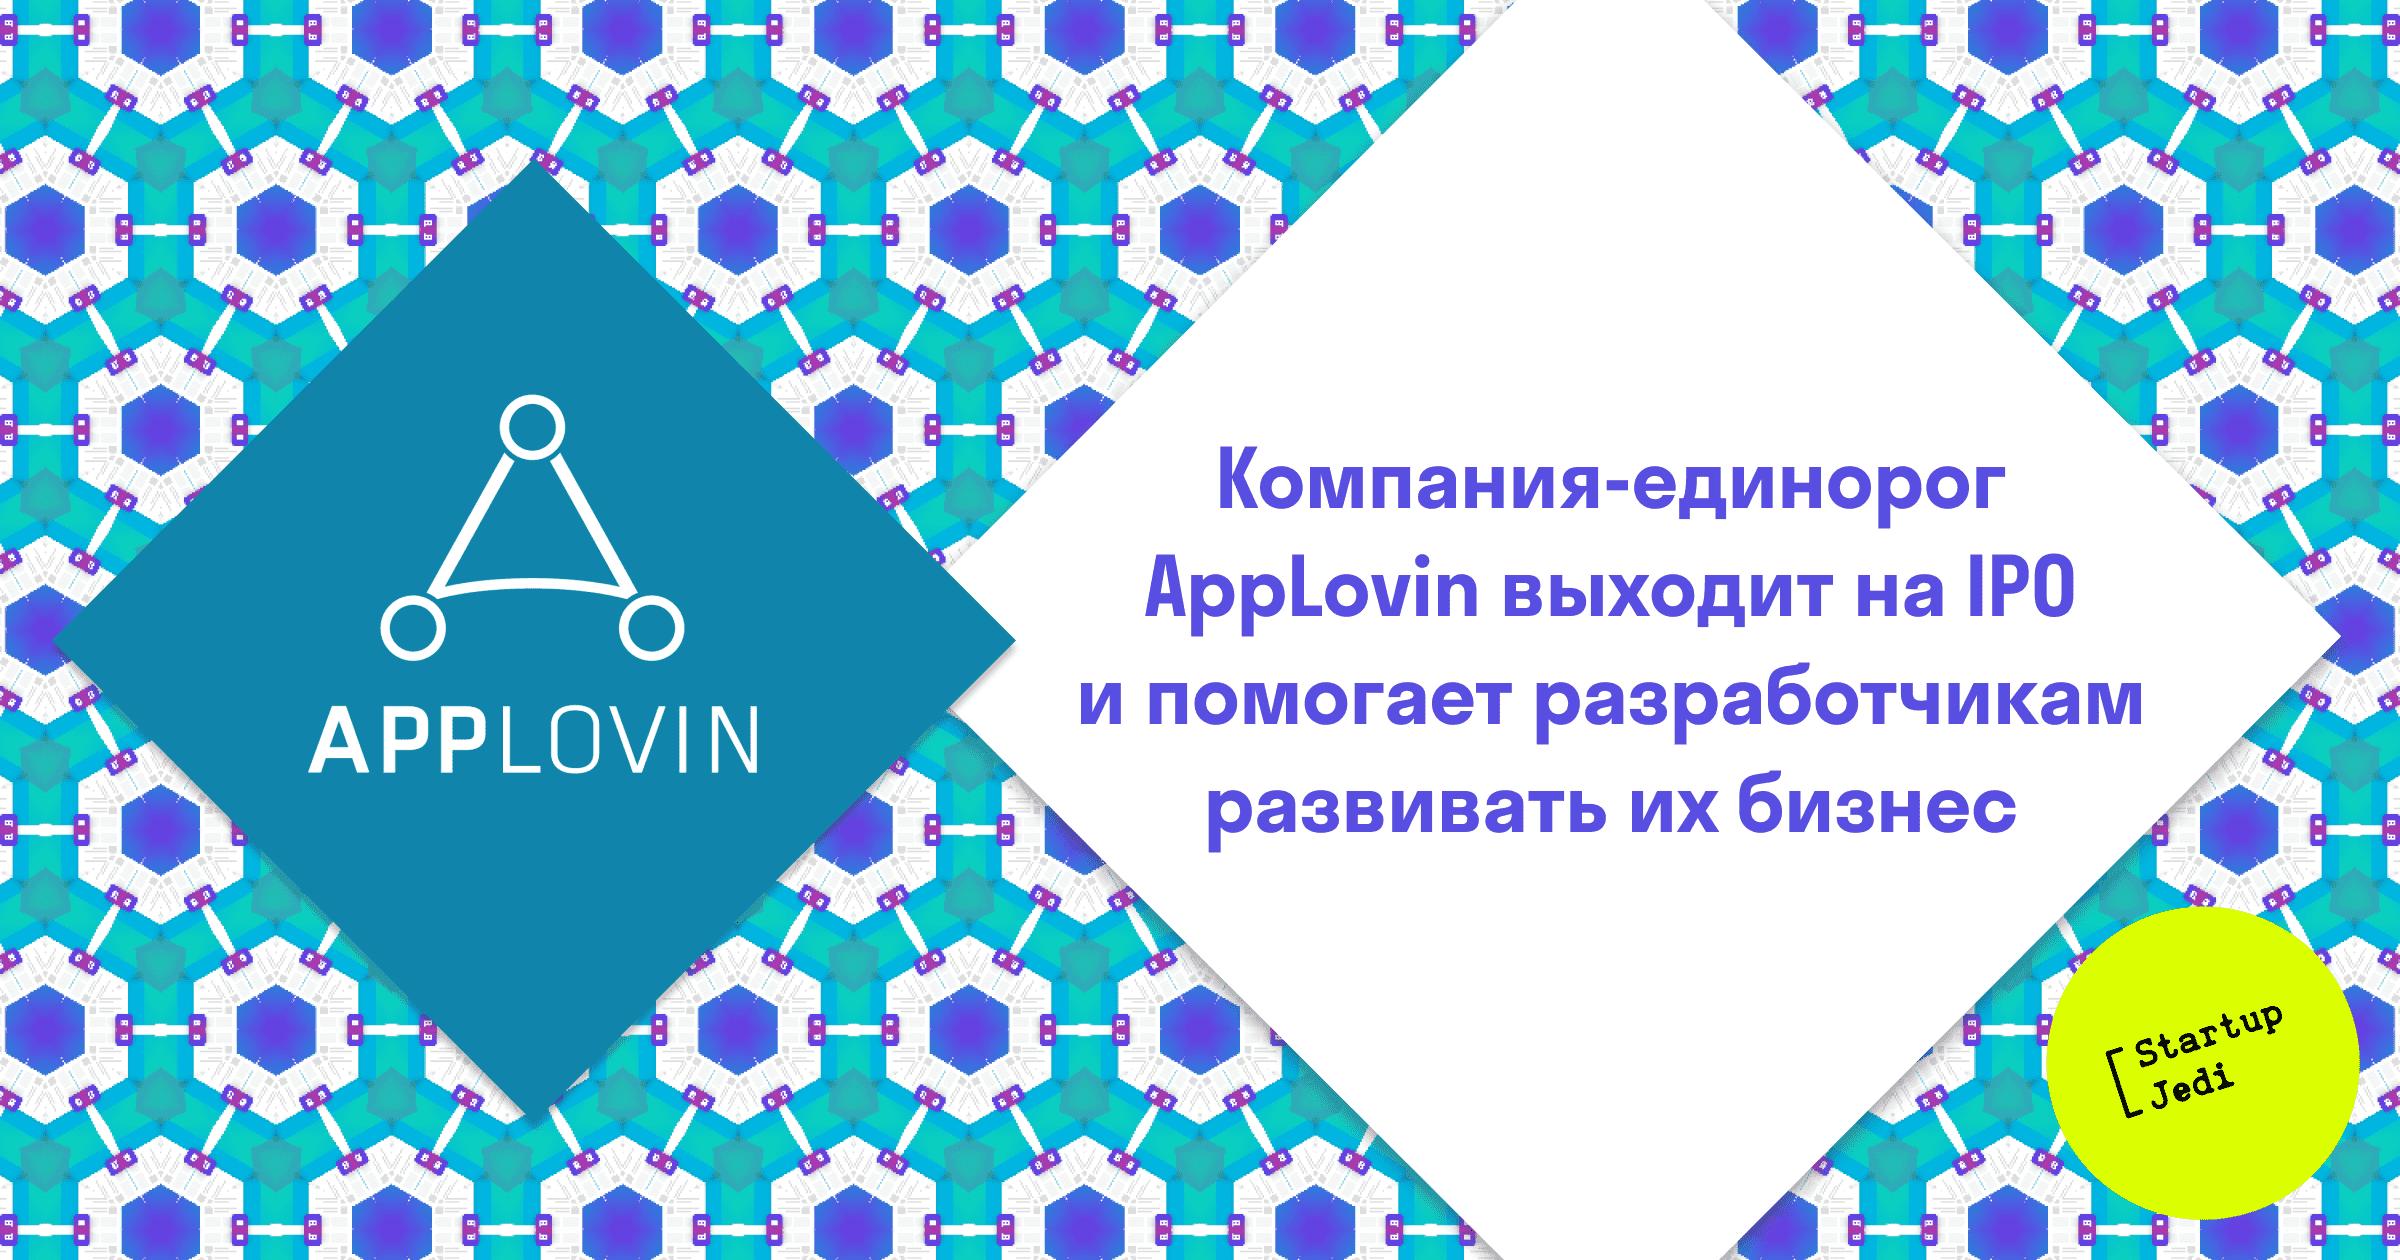 apploving_goespublic_rus